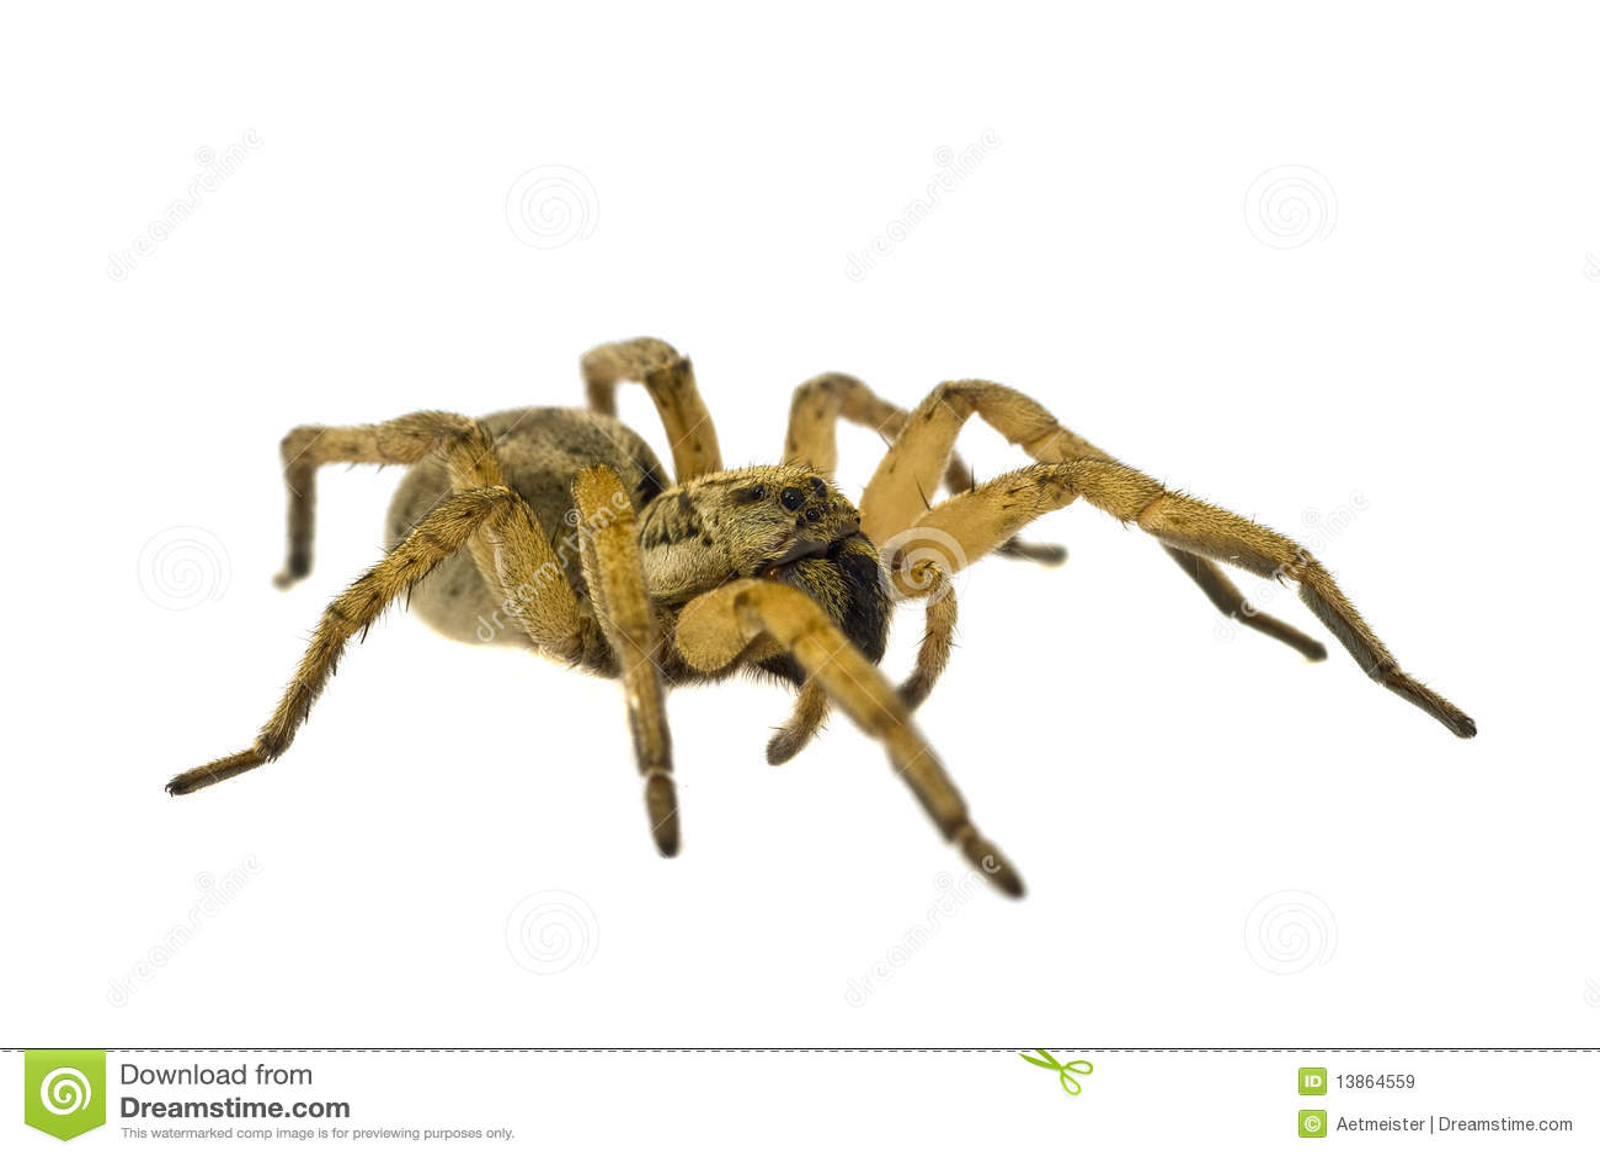 Spinne getrennt auf weißem Hintergrund